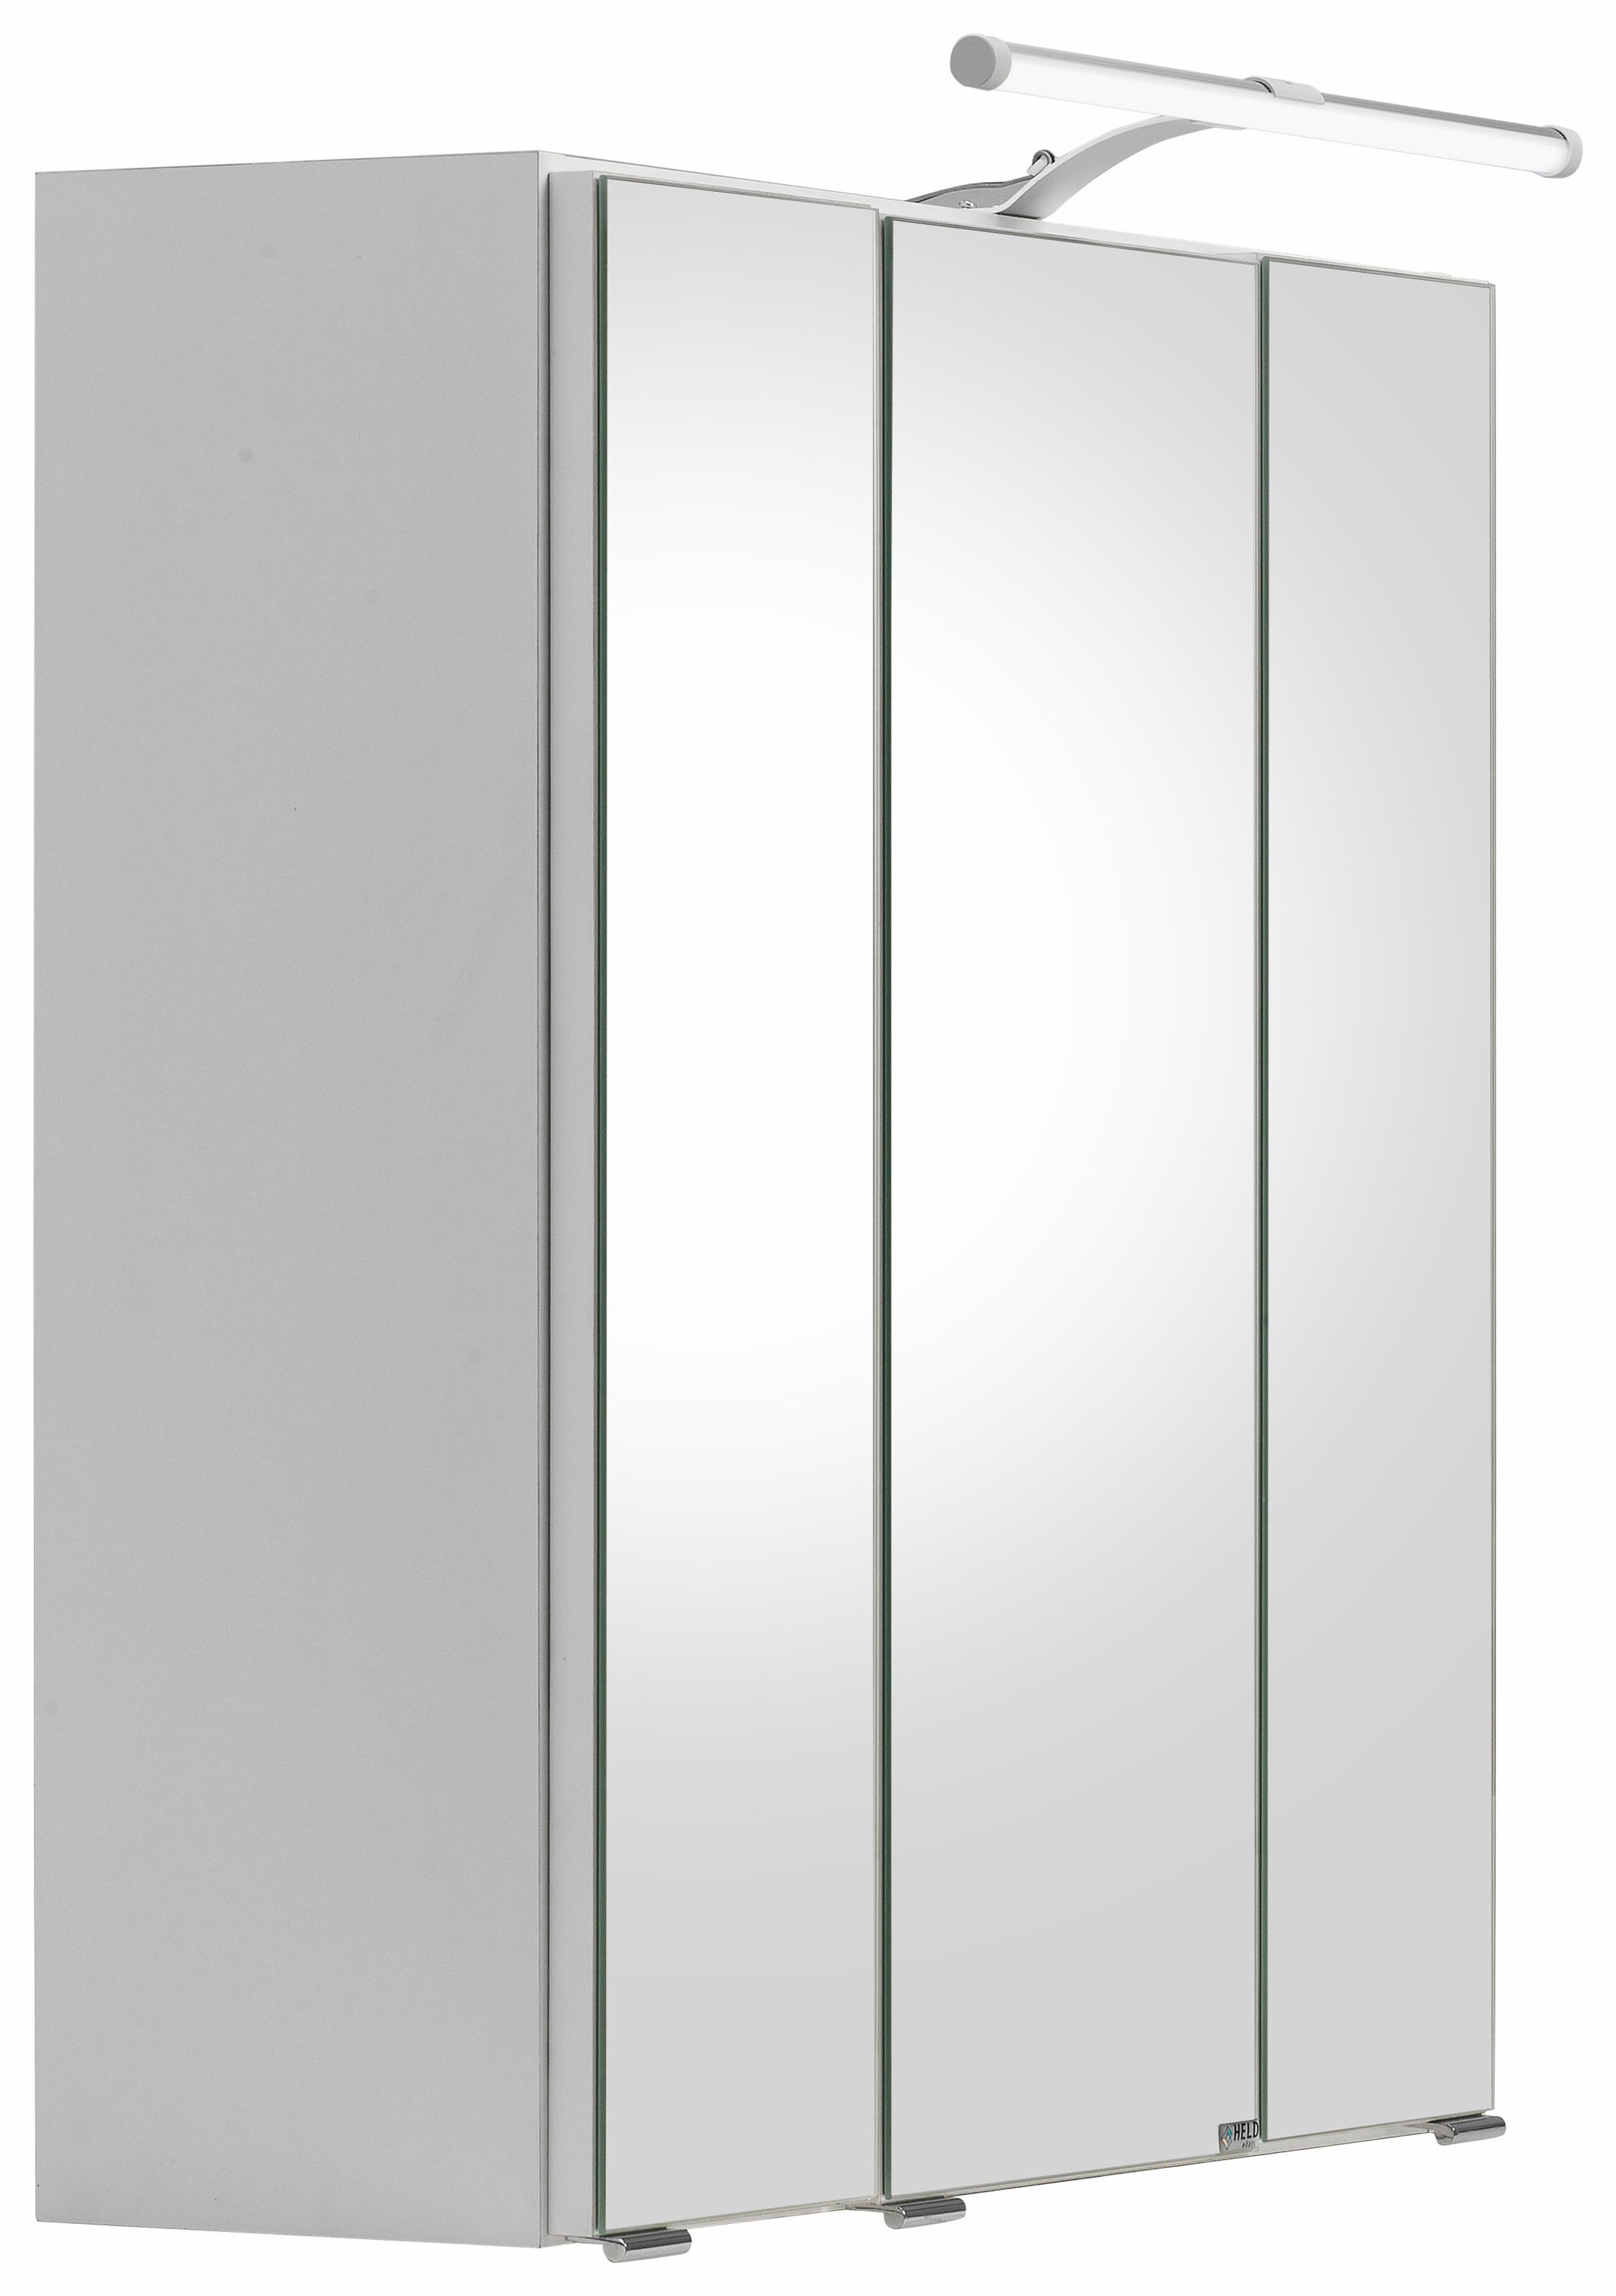 sconto Spiegelschränke fürs Bad online kaufen | Möbel-Suchmaschine ...